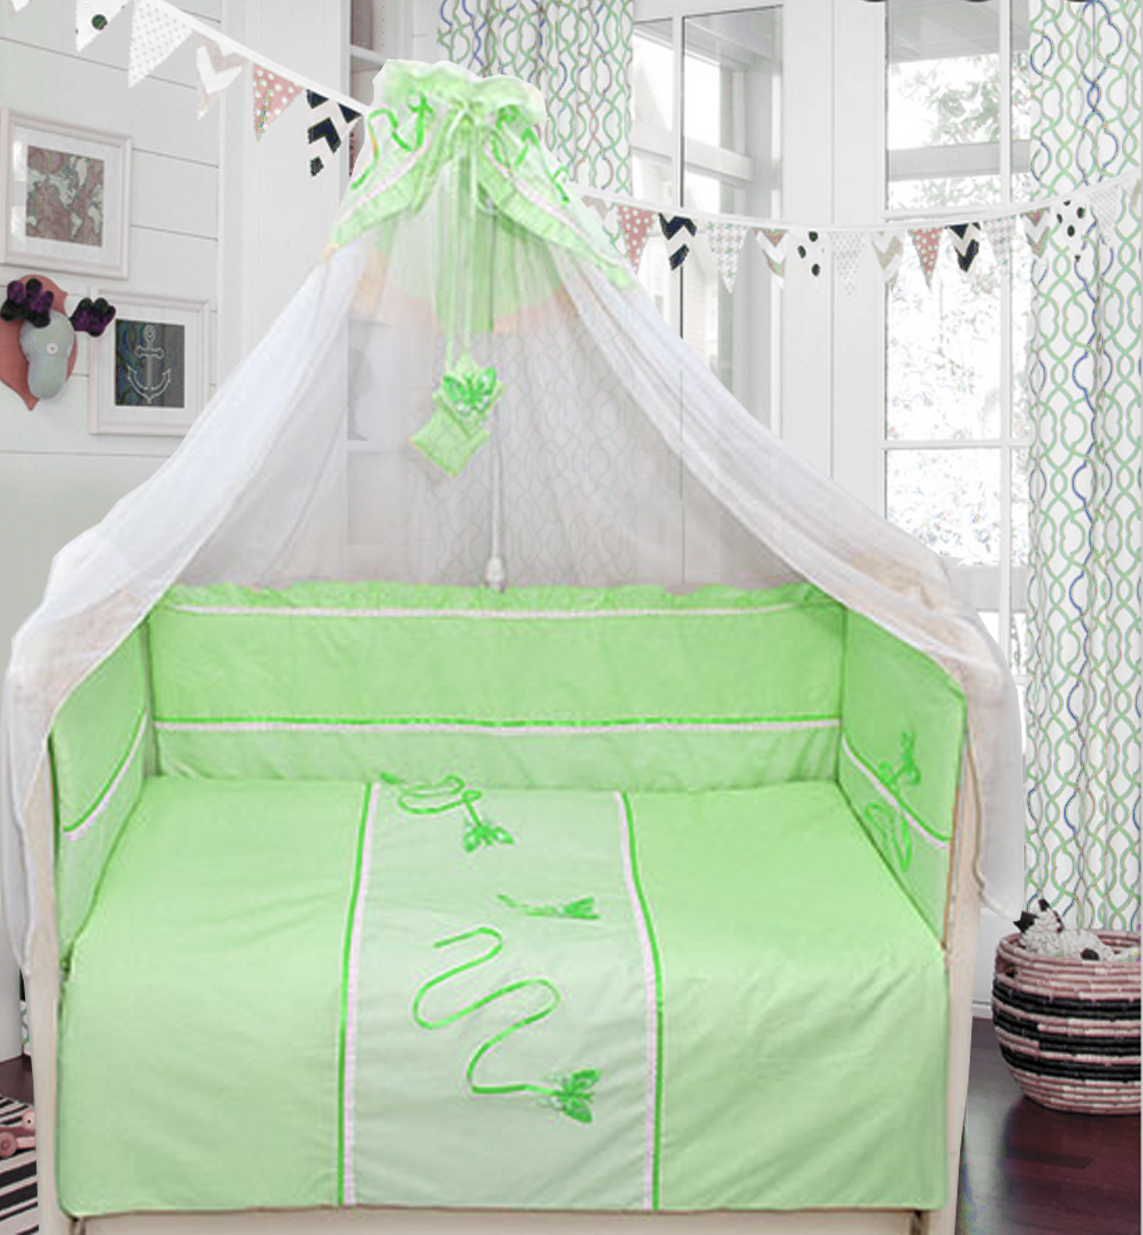 Комплект в кроватку - Бабочки, 7 предметов, зеленыйДетское постельное белье<br>Комплект в кроватку - Бабочки, 7 предметов, зеленый, Bombus, BOM_1474<br><br><br> Комплект в кроватку «Бабочки» от компании «Bombus» исполнен в приятном зелёном цвете. Ин выполнен в изящном стиле, поэтому станет украшением кроватки Вашего крохи и интерьера ...<br>